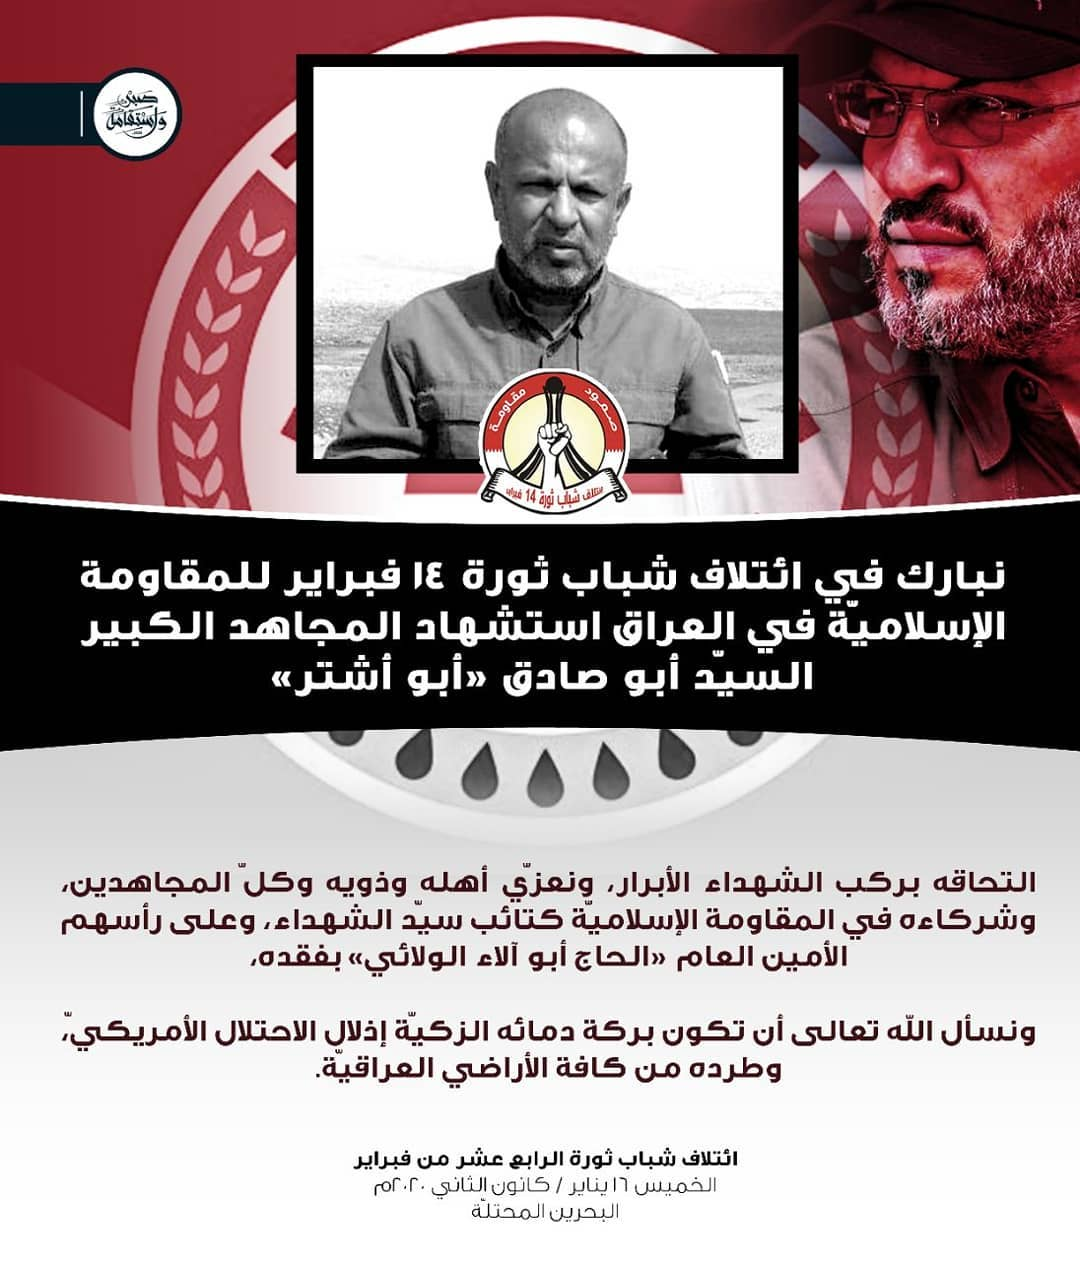 ائتلاف 14 فبراير يعزّي بالشهيد السيّد «أبو صادق»